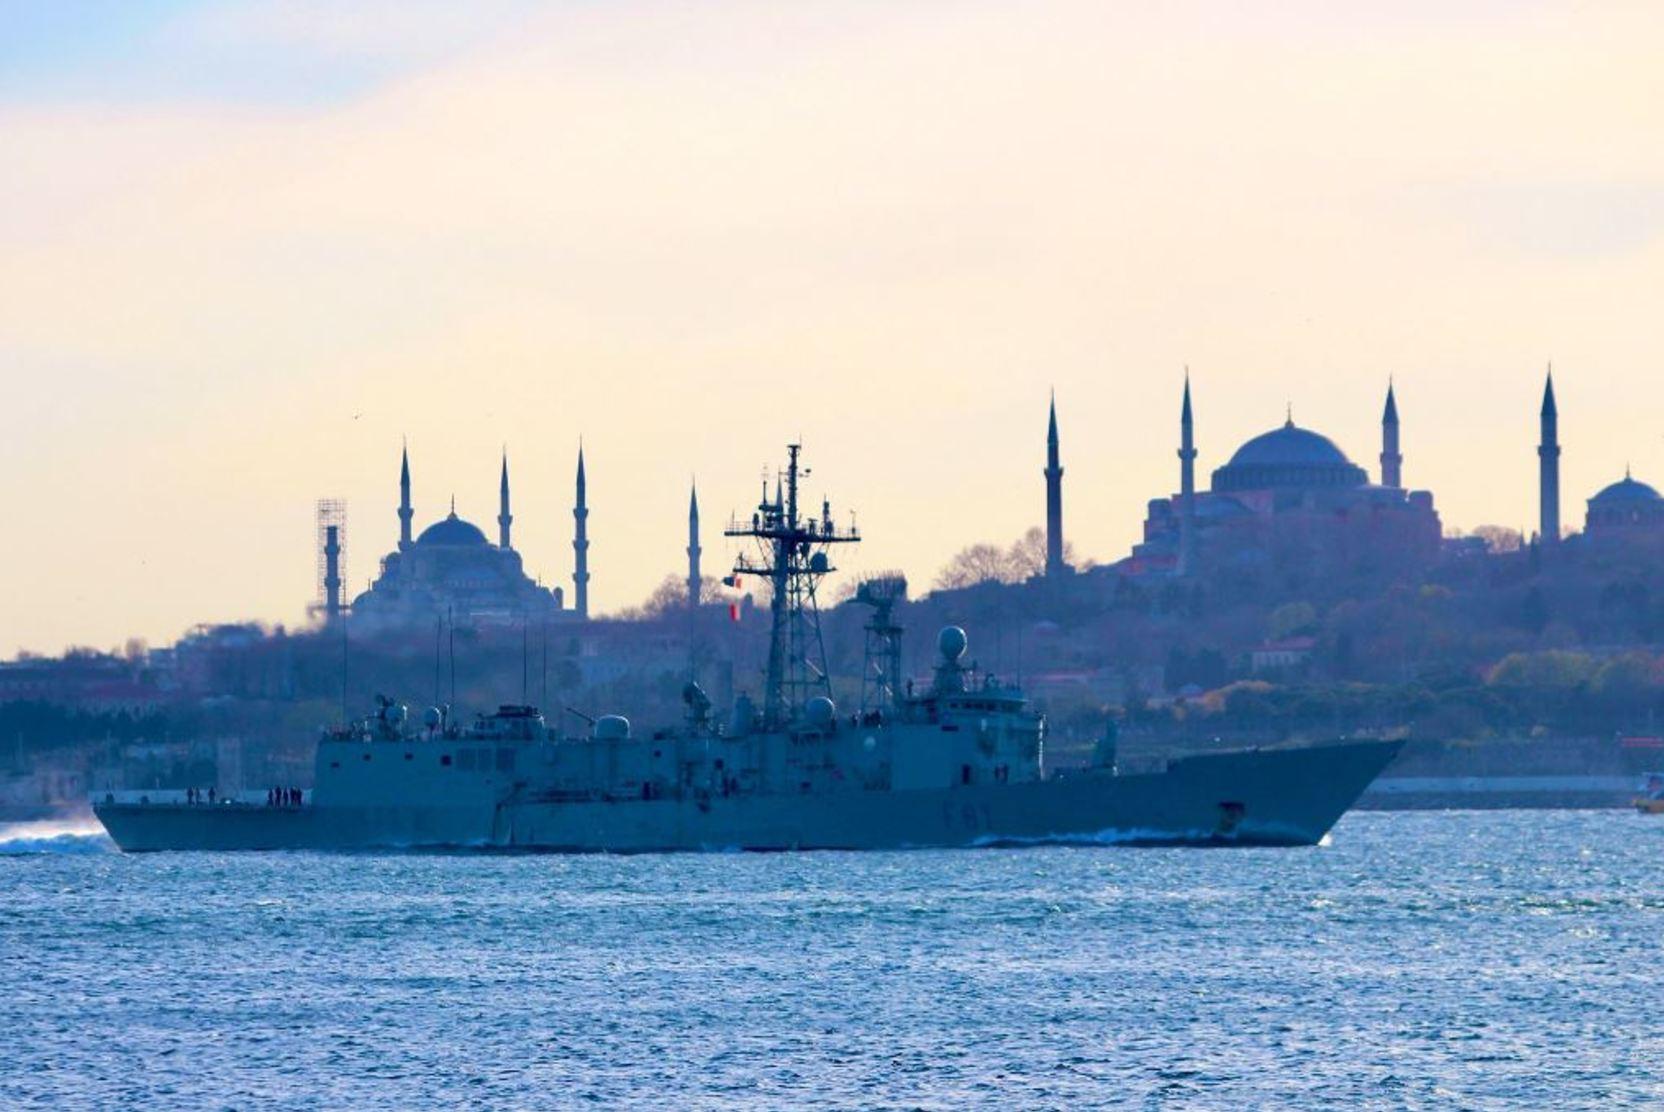 СМИ: США отменили отправку своих кораблей в Черное море